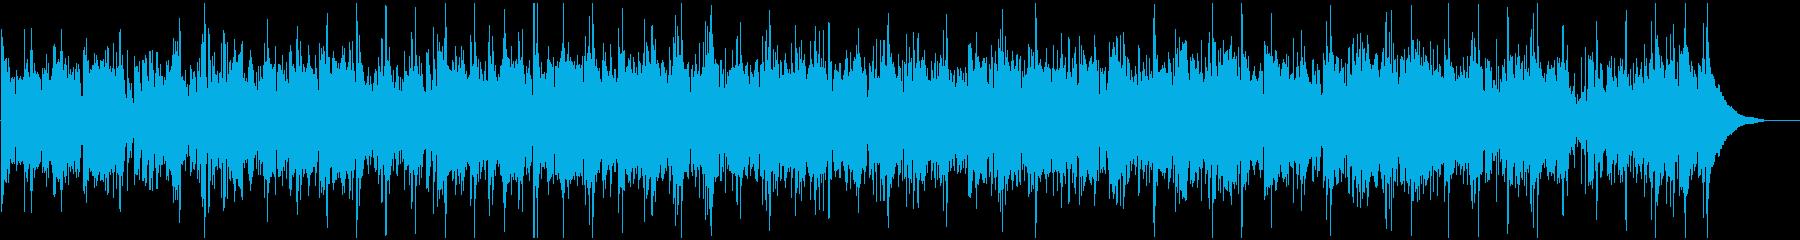 アイリッシュの哀愁のあるバイオリン民謡の再生済みの波形